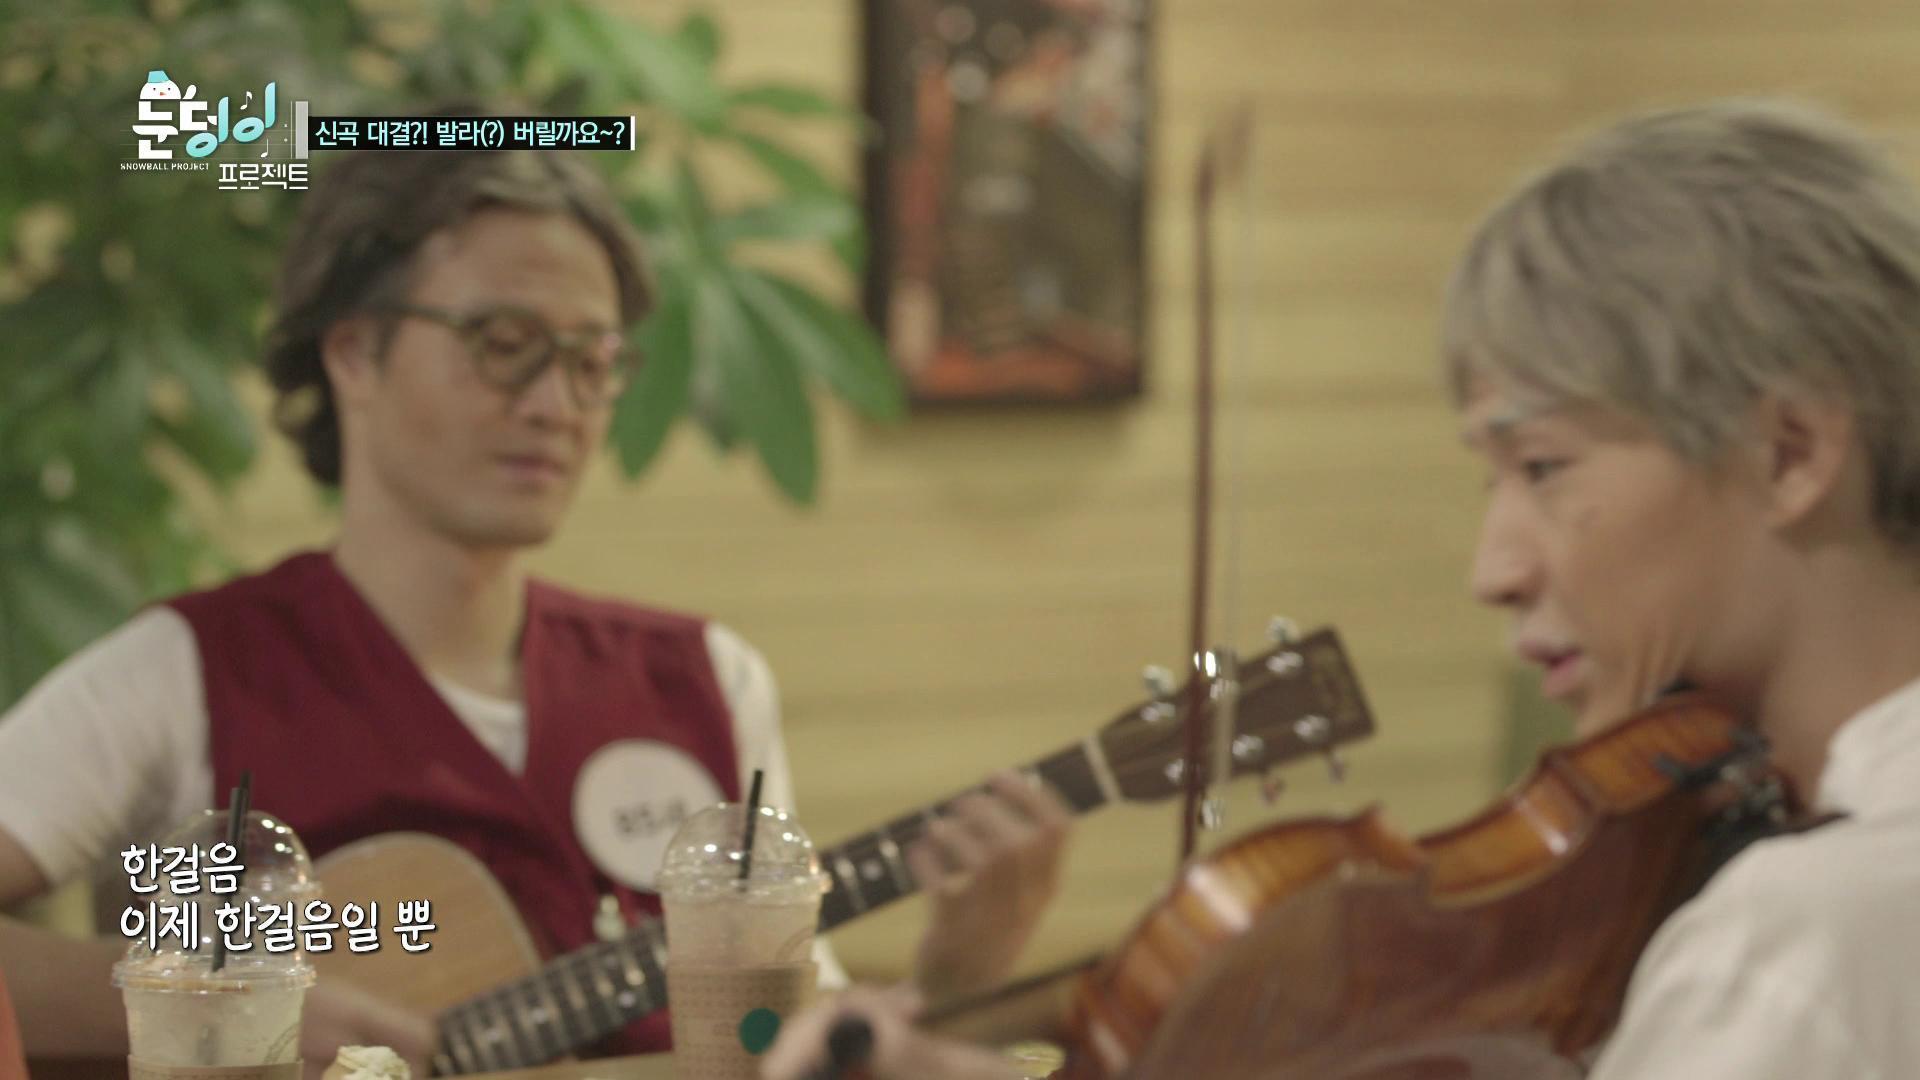 눈덩이 프로젝트 EP.58 - 헨리의 히든카드?